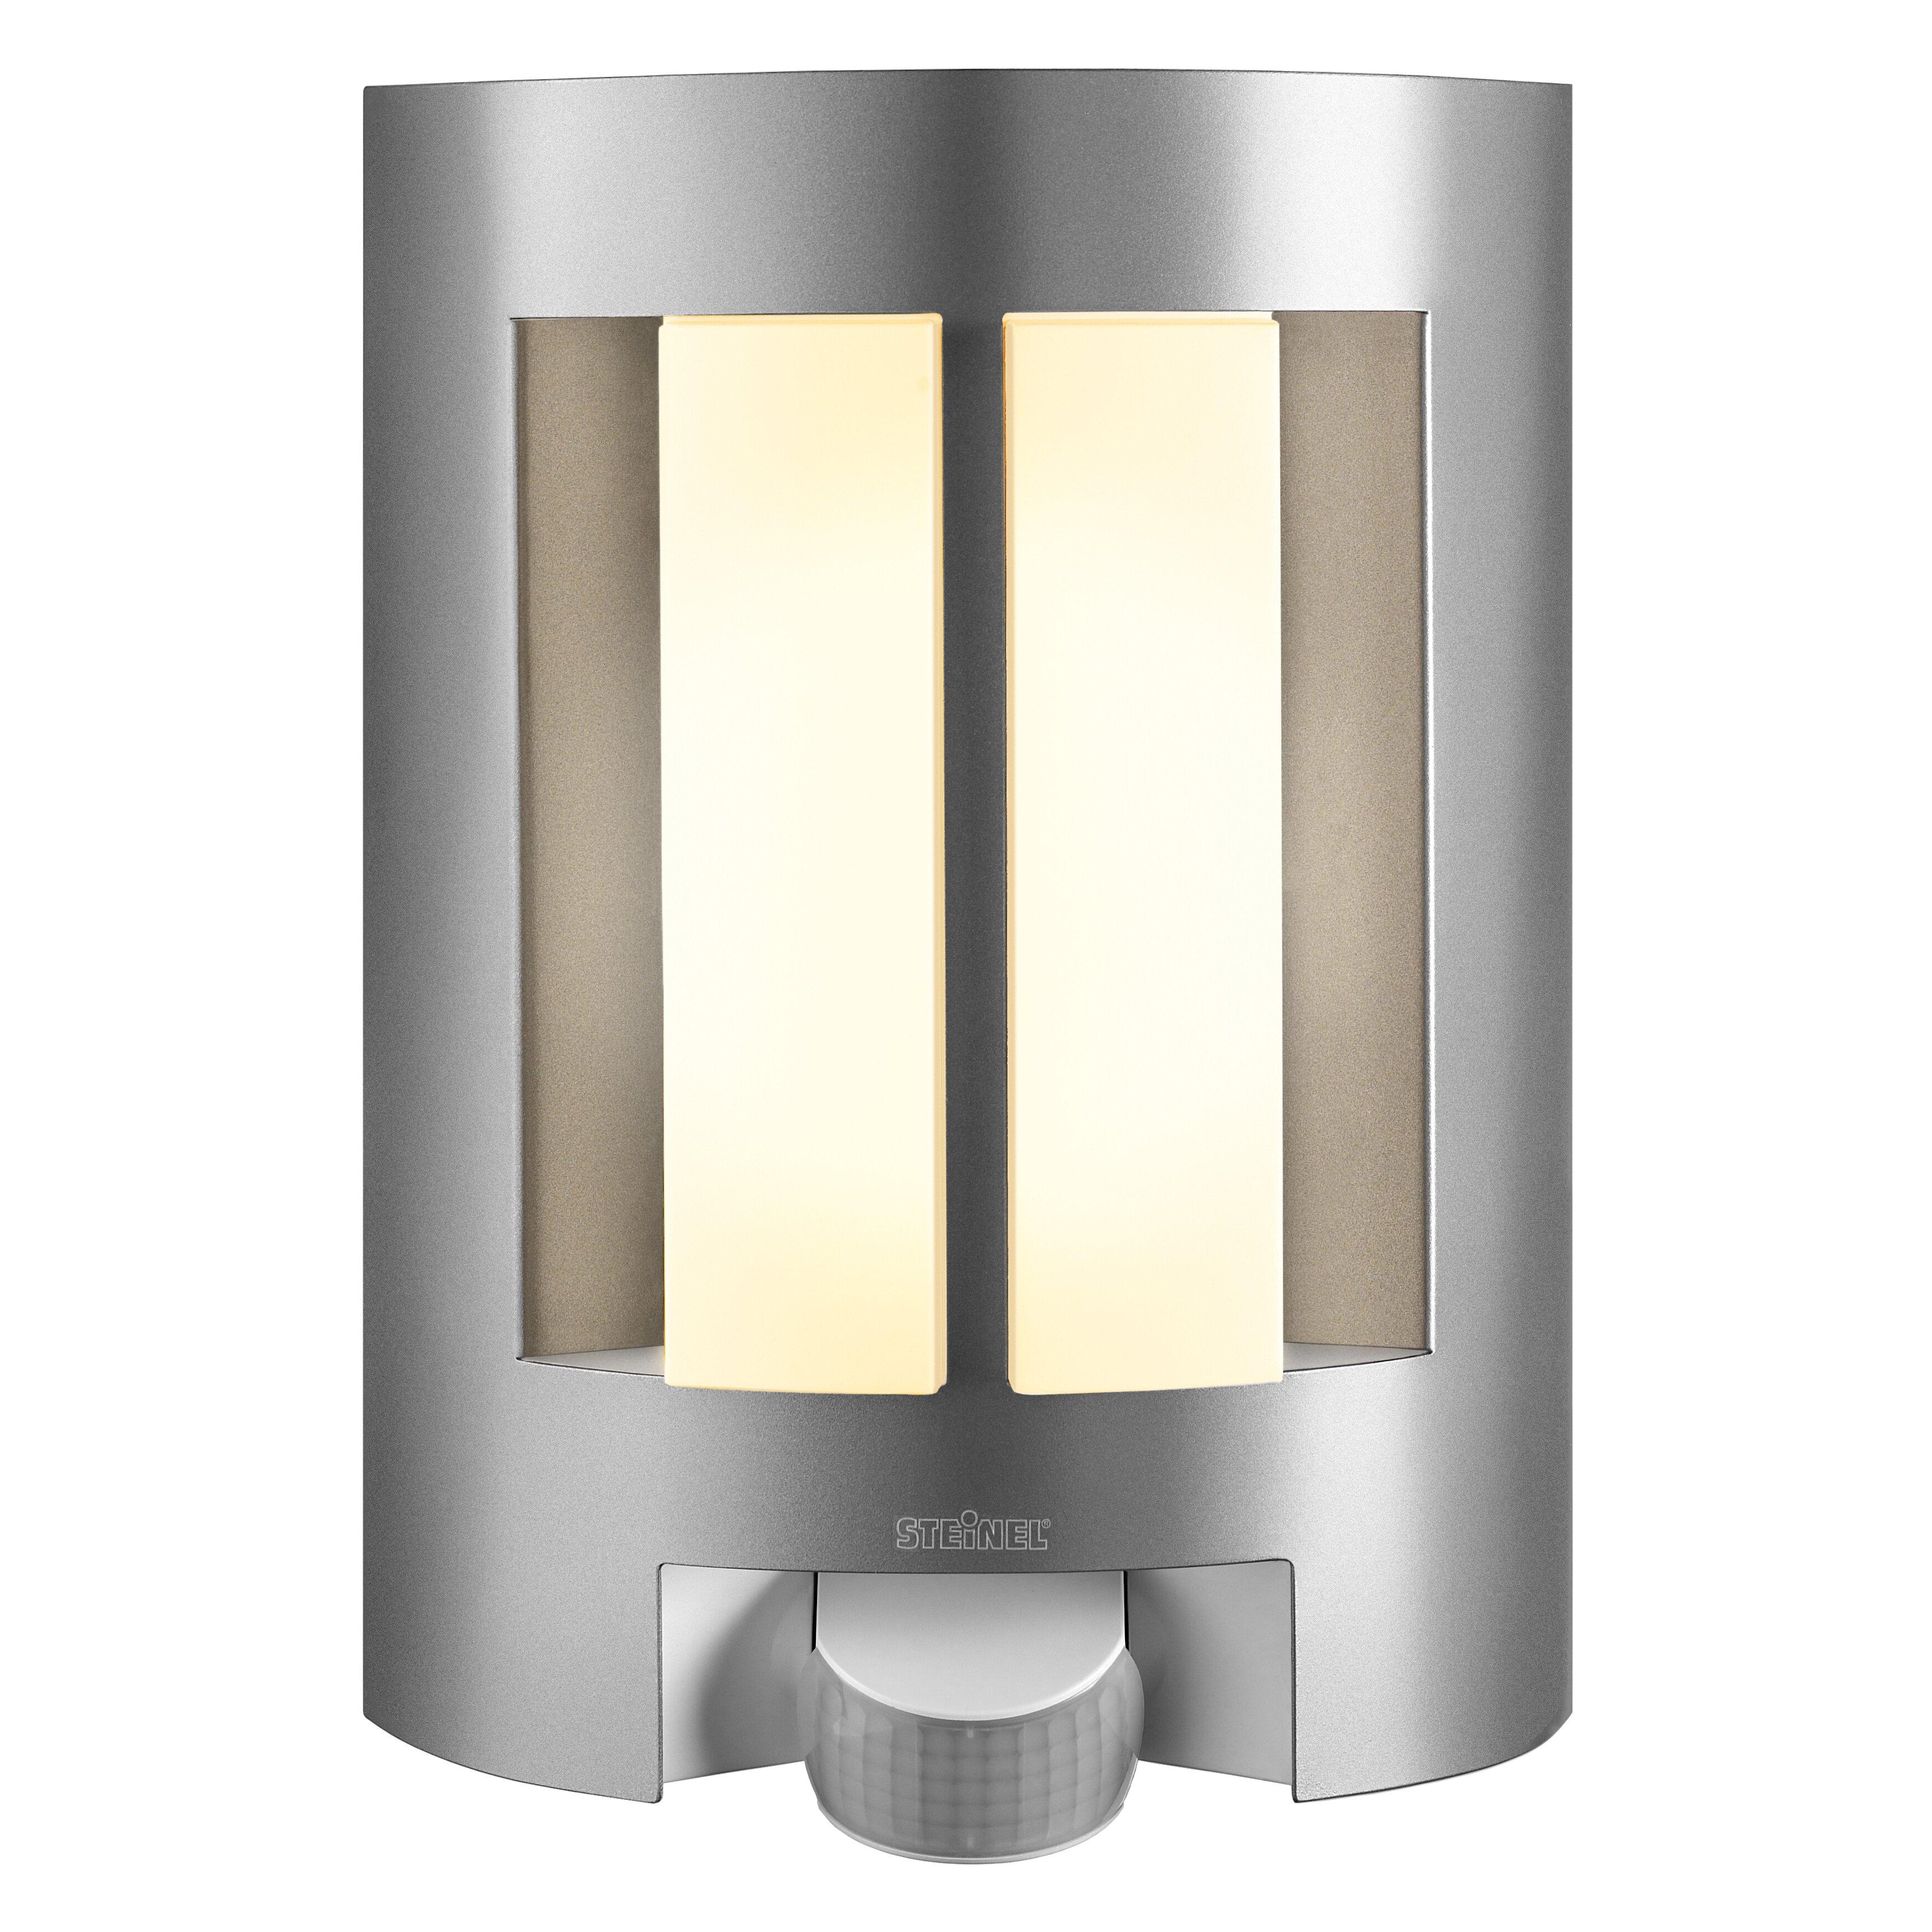 Steinel 1 Light Outdoor Flush mount & Reviews Wayfair.co.uk